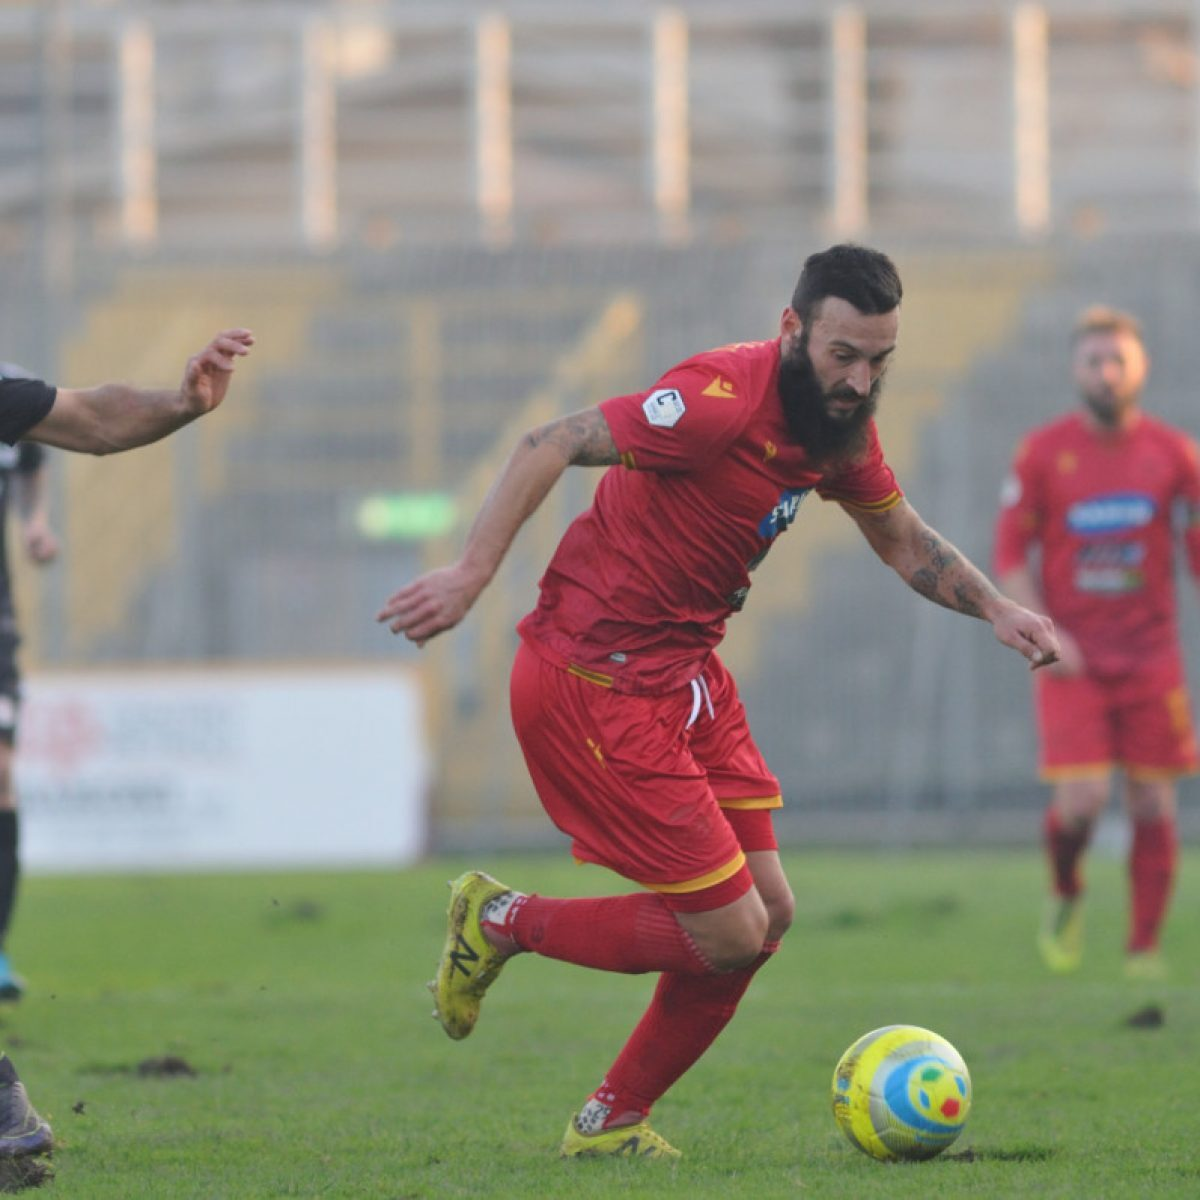 Calcio, c'è solo un punto per il Ravenna (1-1)